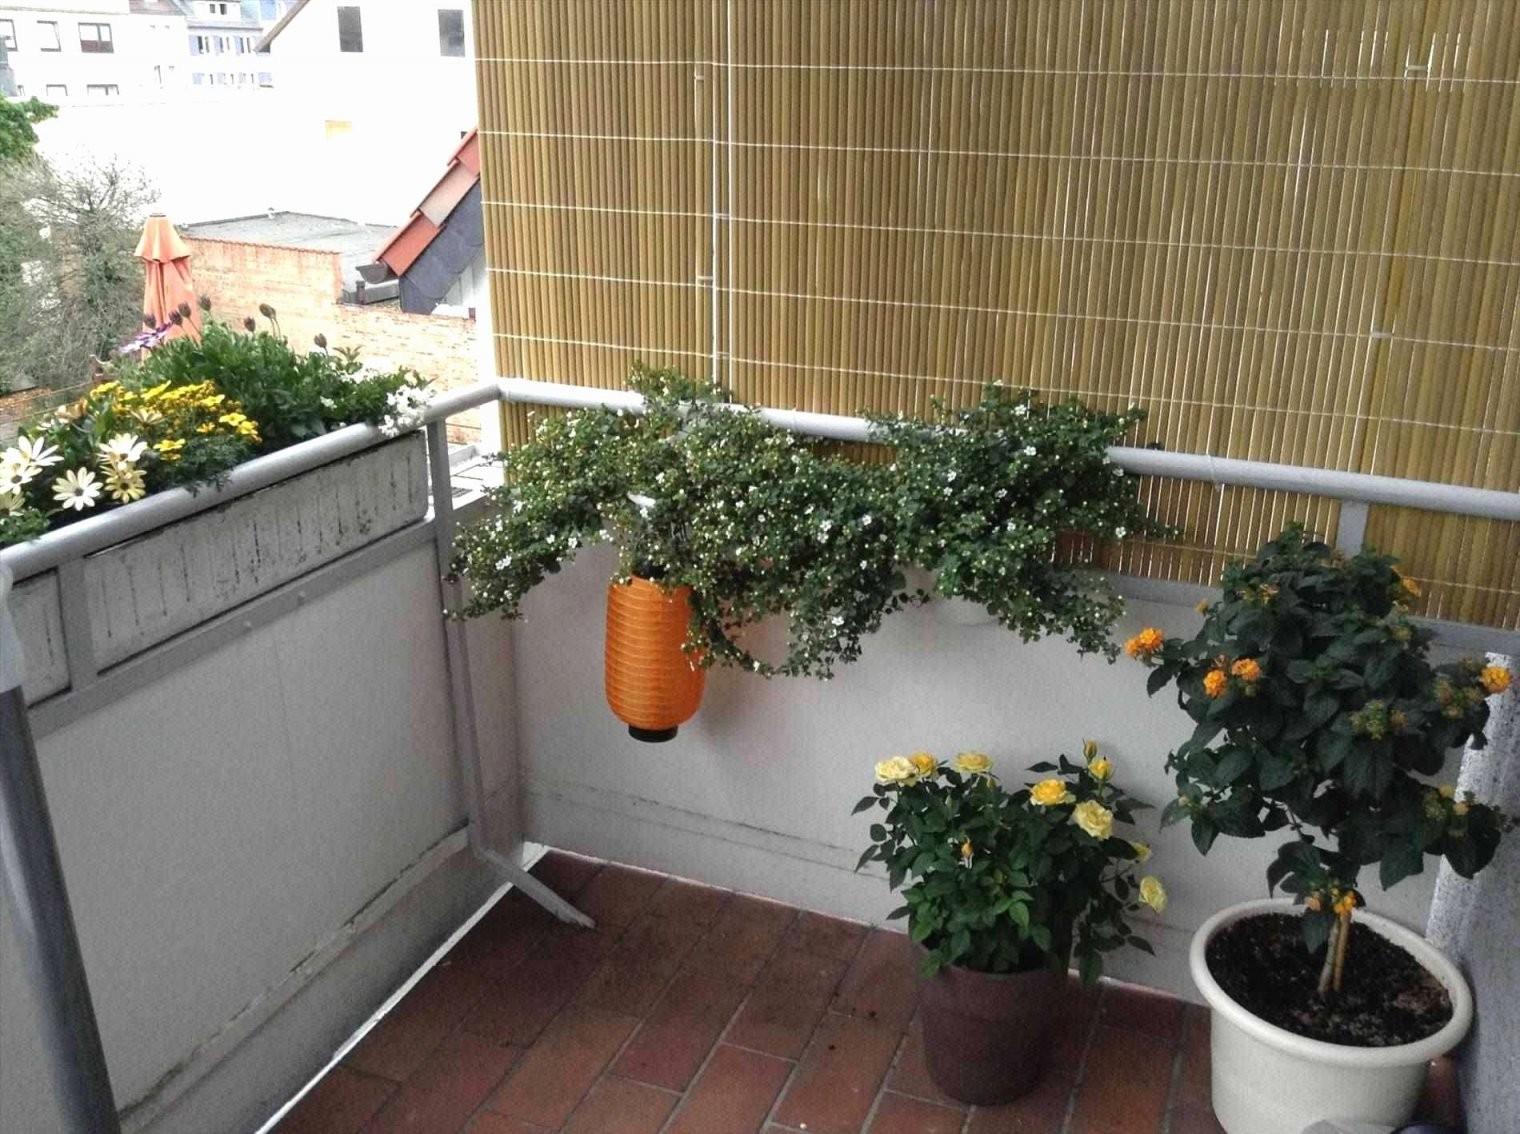 Balkonverglasung Selber Machen Produktfotos Das Stilvoll So Gut Wie von Sichtschutz Für Balkon Selber Machen Bild